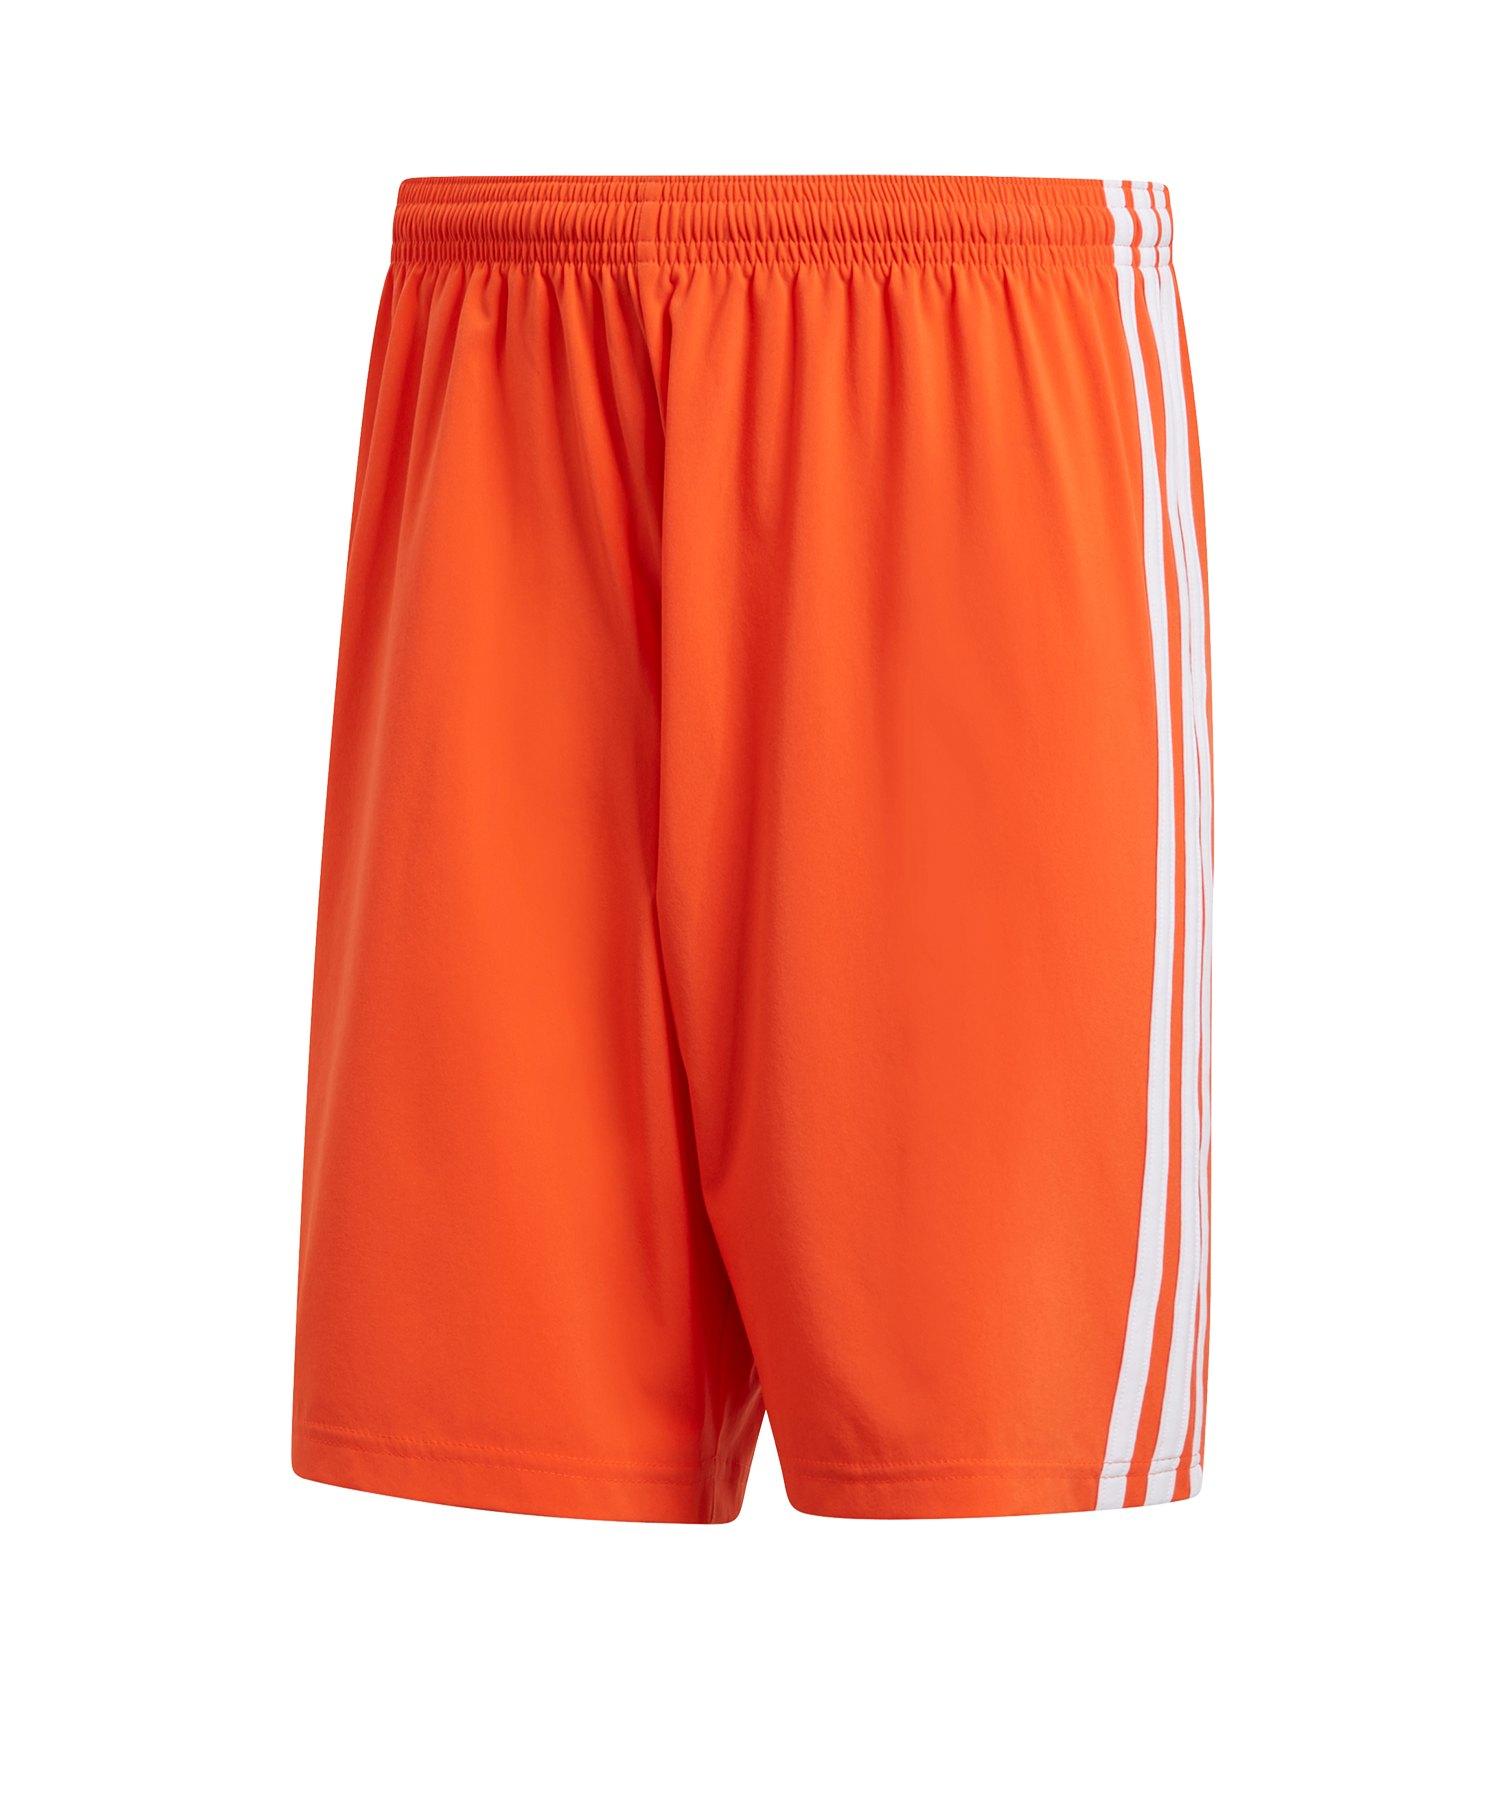 adidas Condivo 18 Short Hose kurz Rot Weiss - orange